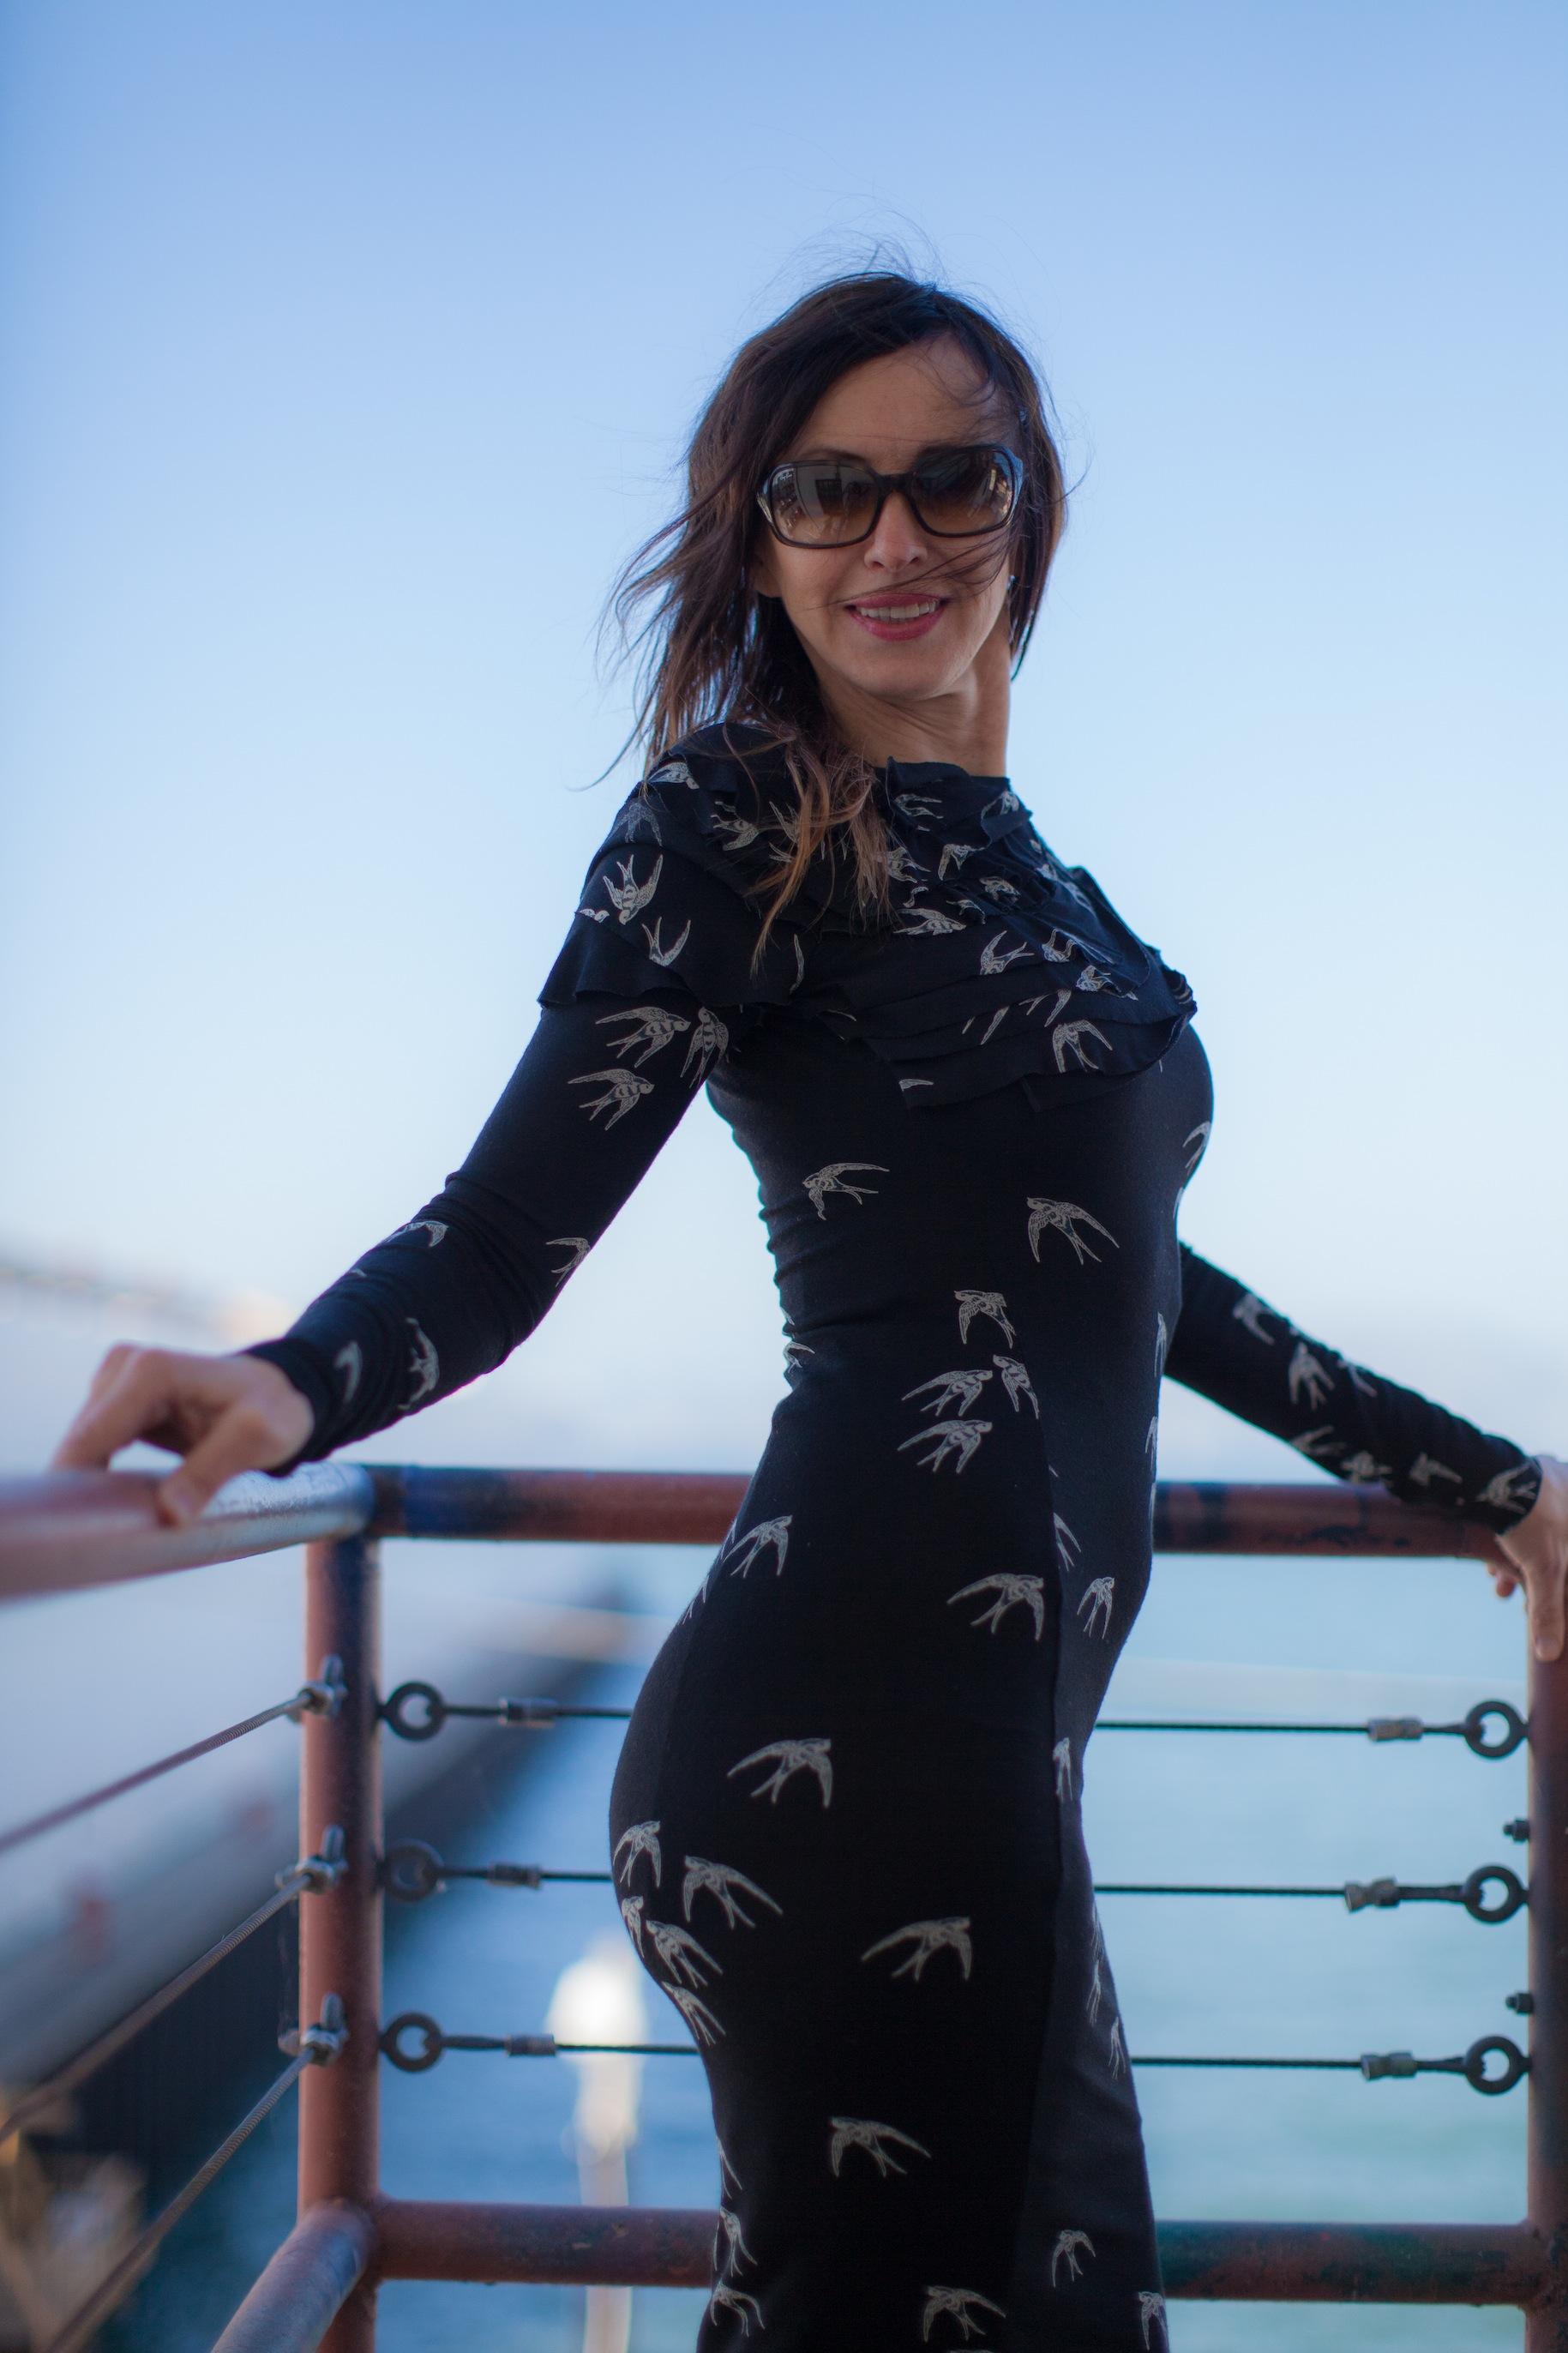 Floriana (8 of 11)